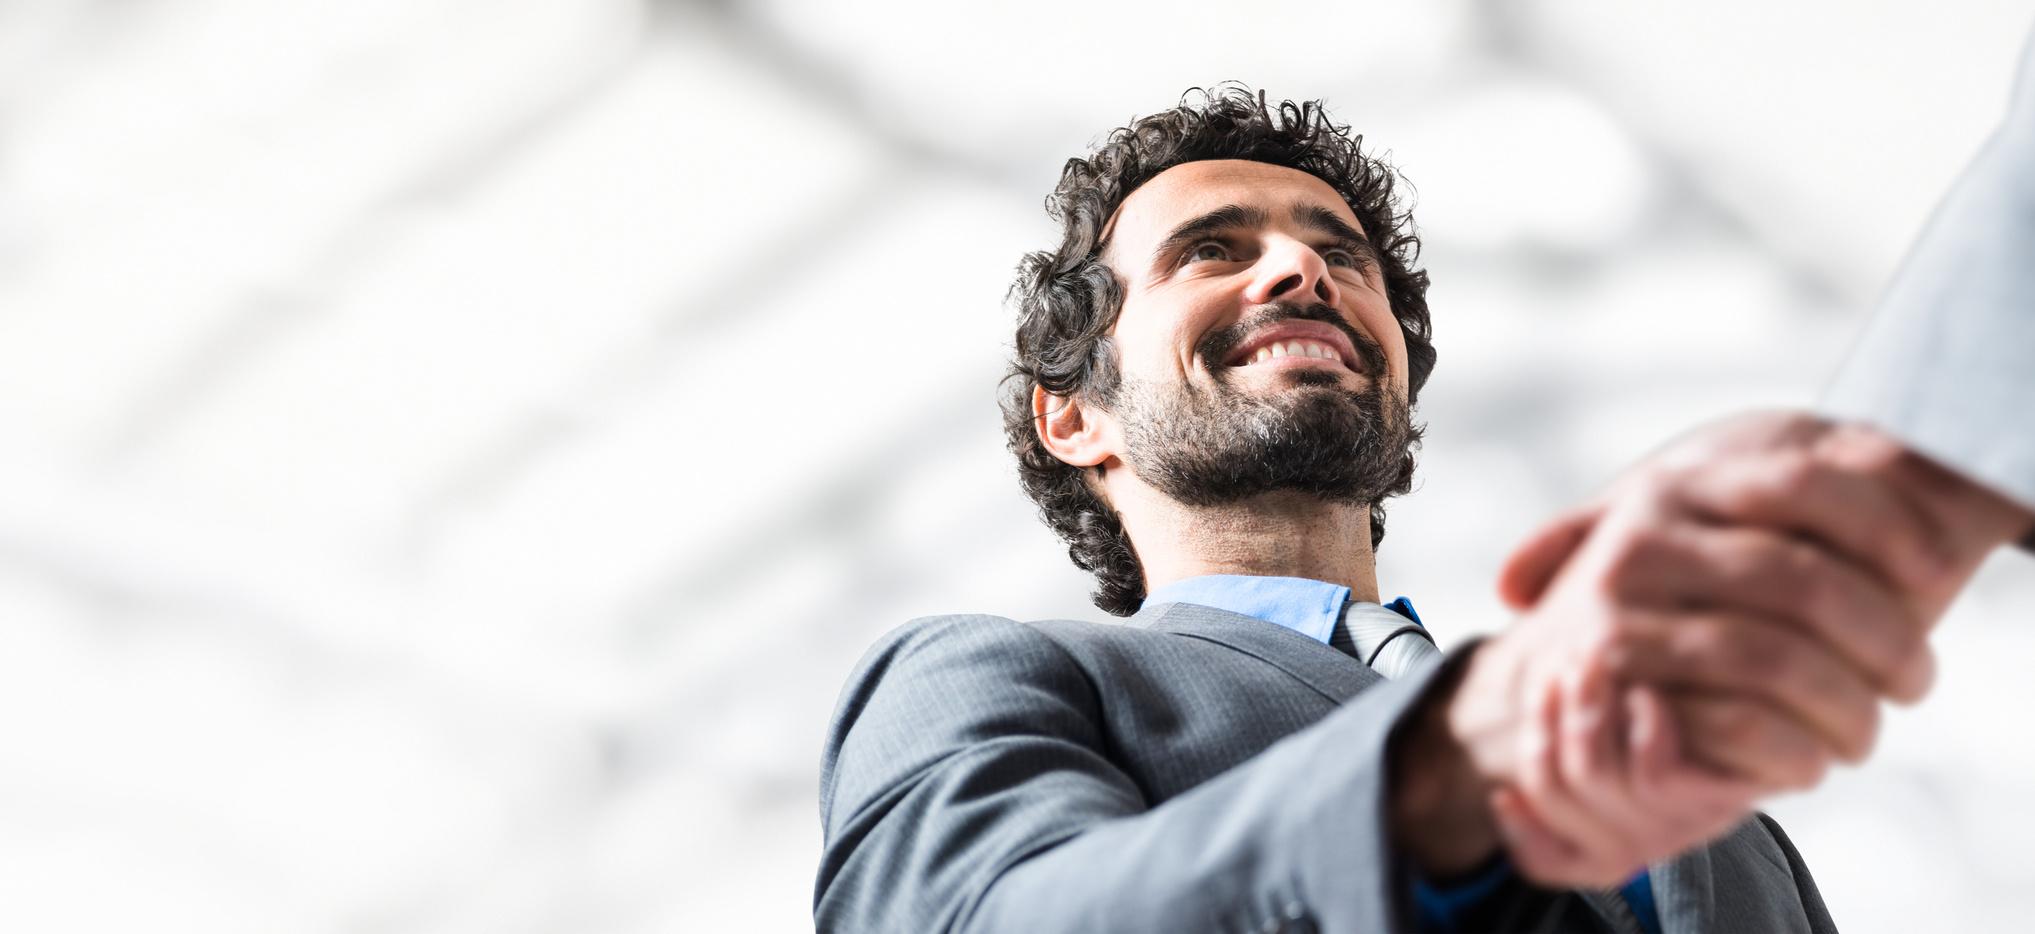 El cliente es el mayor potencial que tienen los negocios, con lo que se buscan profesionales que sepan cómo llevar a cabo las comunicaciones con él